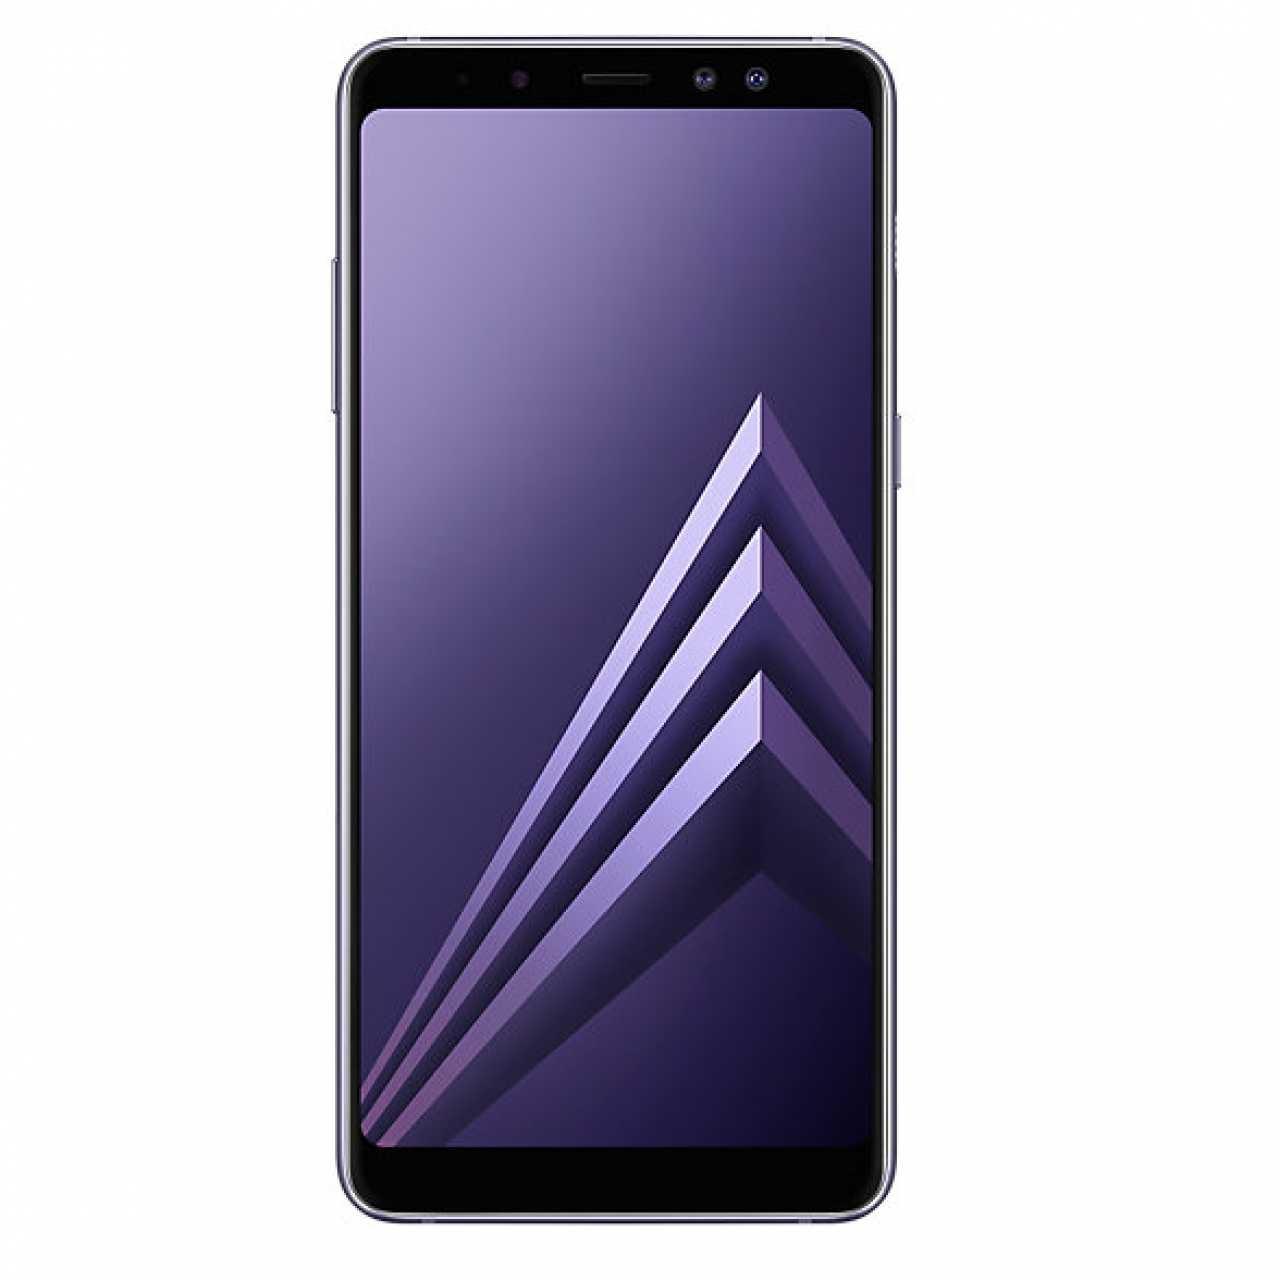 گوشی موبایل سامسونگ مدل GALAXY A8+(2018)- دو سیم کارت - 64 گیگابایت